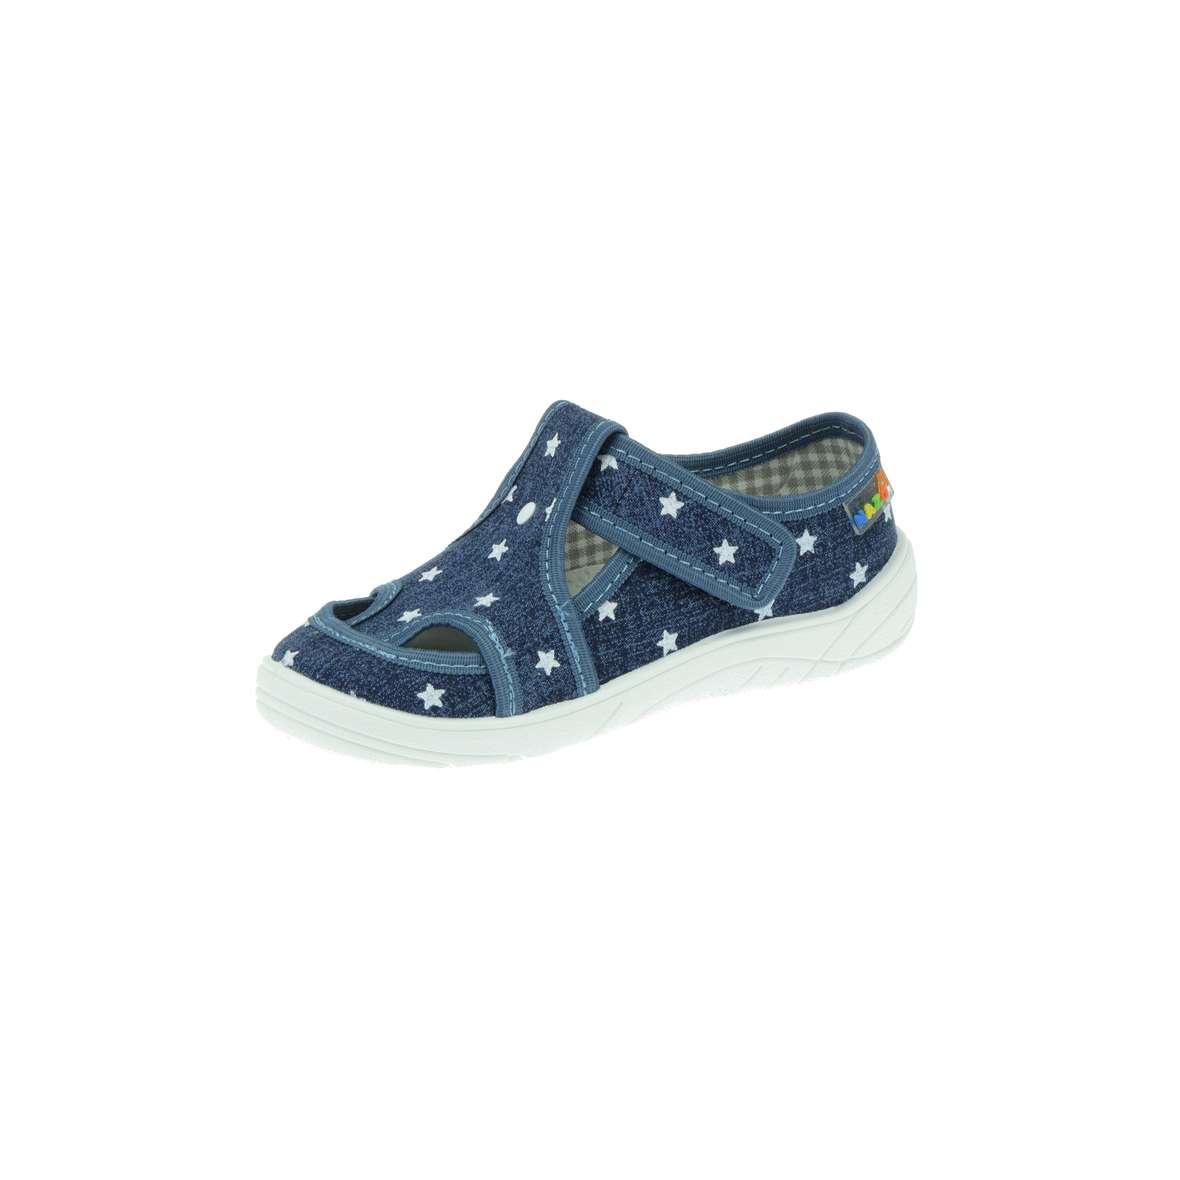 d36c649cfe5 Dívčí přezůvková papučka NA 018 CA